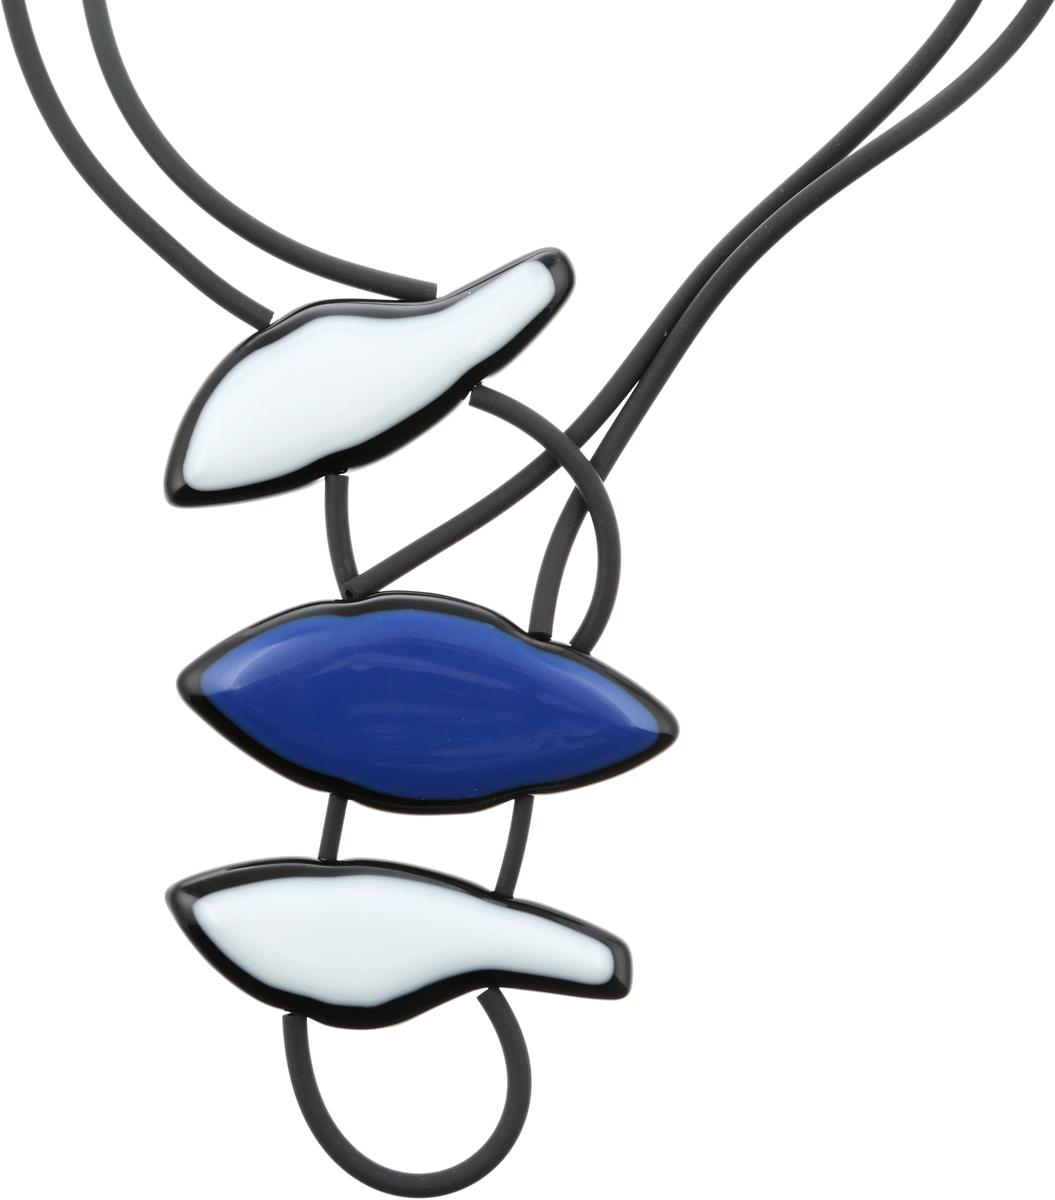 Колье Облака. Муранское стекло, каучук, ручная работа. Murano, Италия (Венеция)f455gew8Колье Облака. Муранское стекло, каучук, ручная работа. Murano, Италия (Венеция). Размер: полная длина 65 см. Каждое изделие из муранского стекла уникально и может незначительно отличаться от того, что вы видите на фотографии.